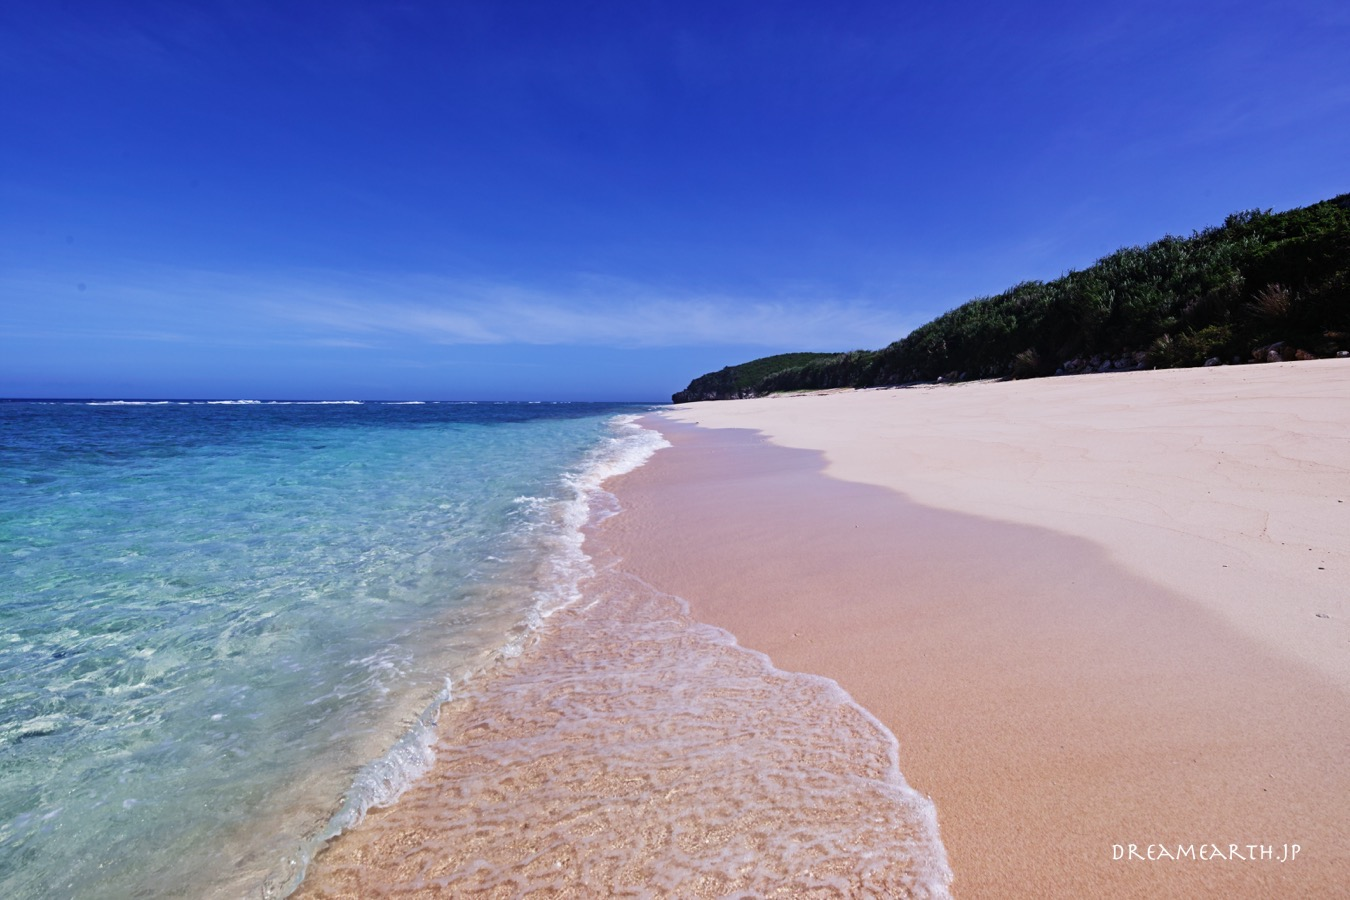 与論島,パラダイスビーチ